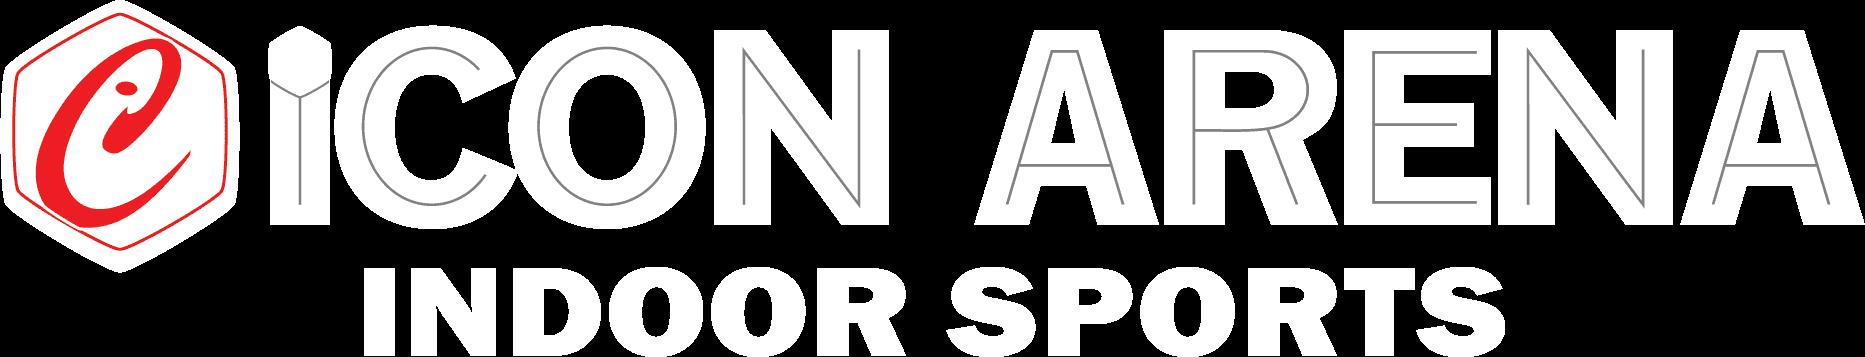 icon-arena-logo-1